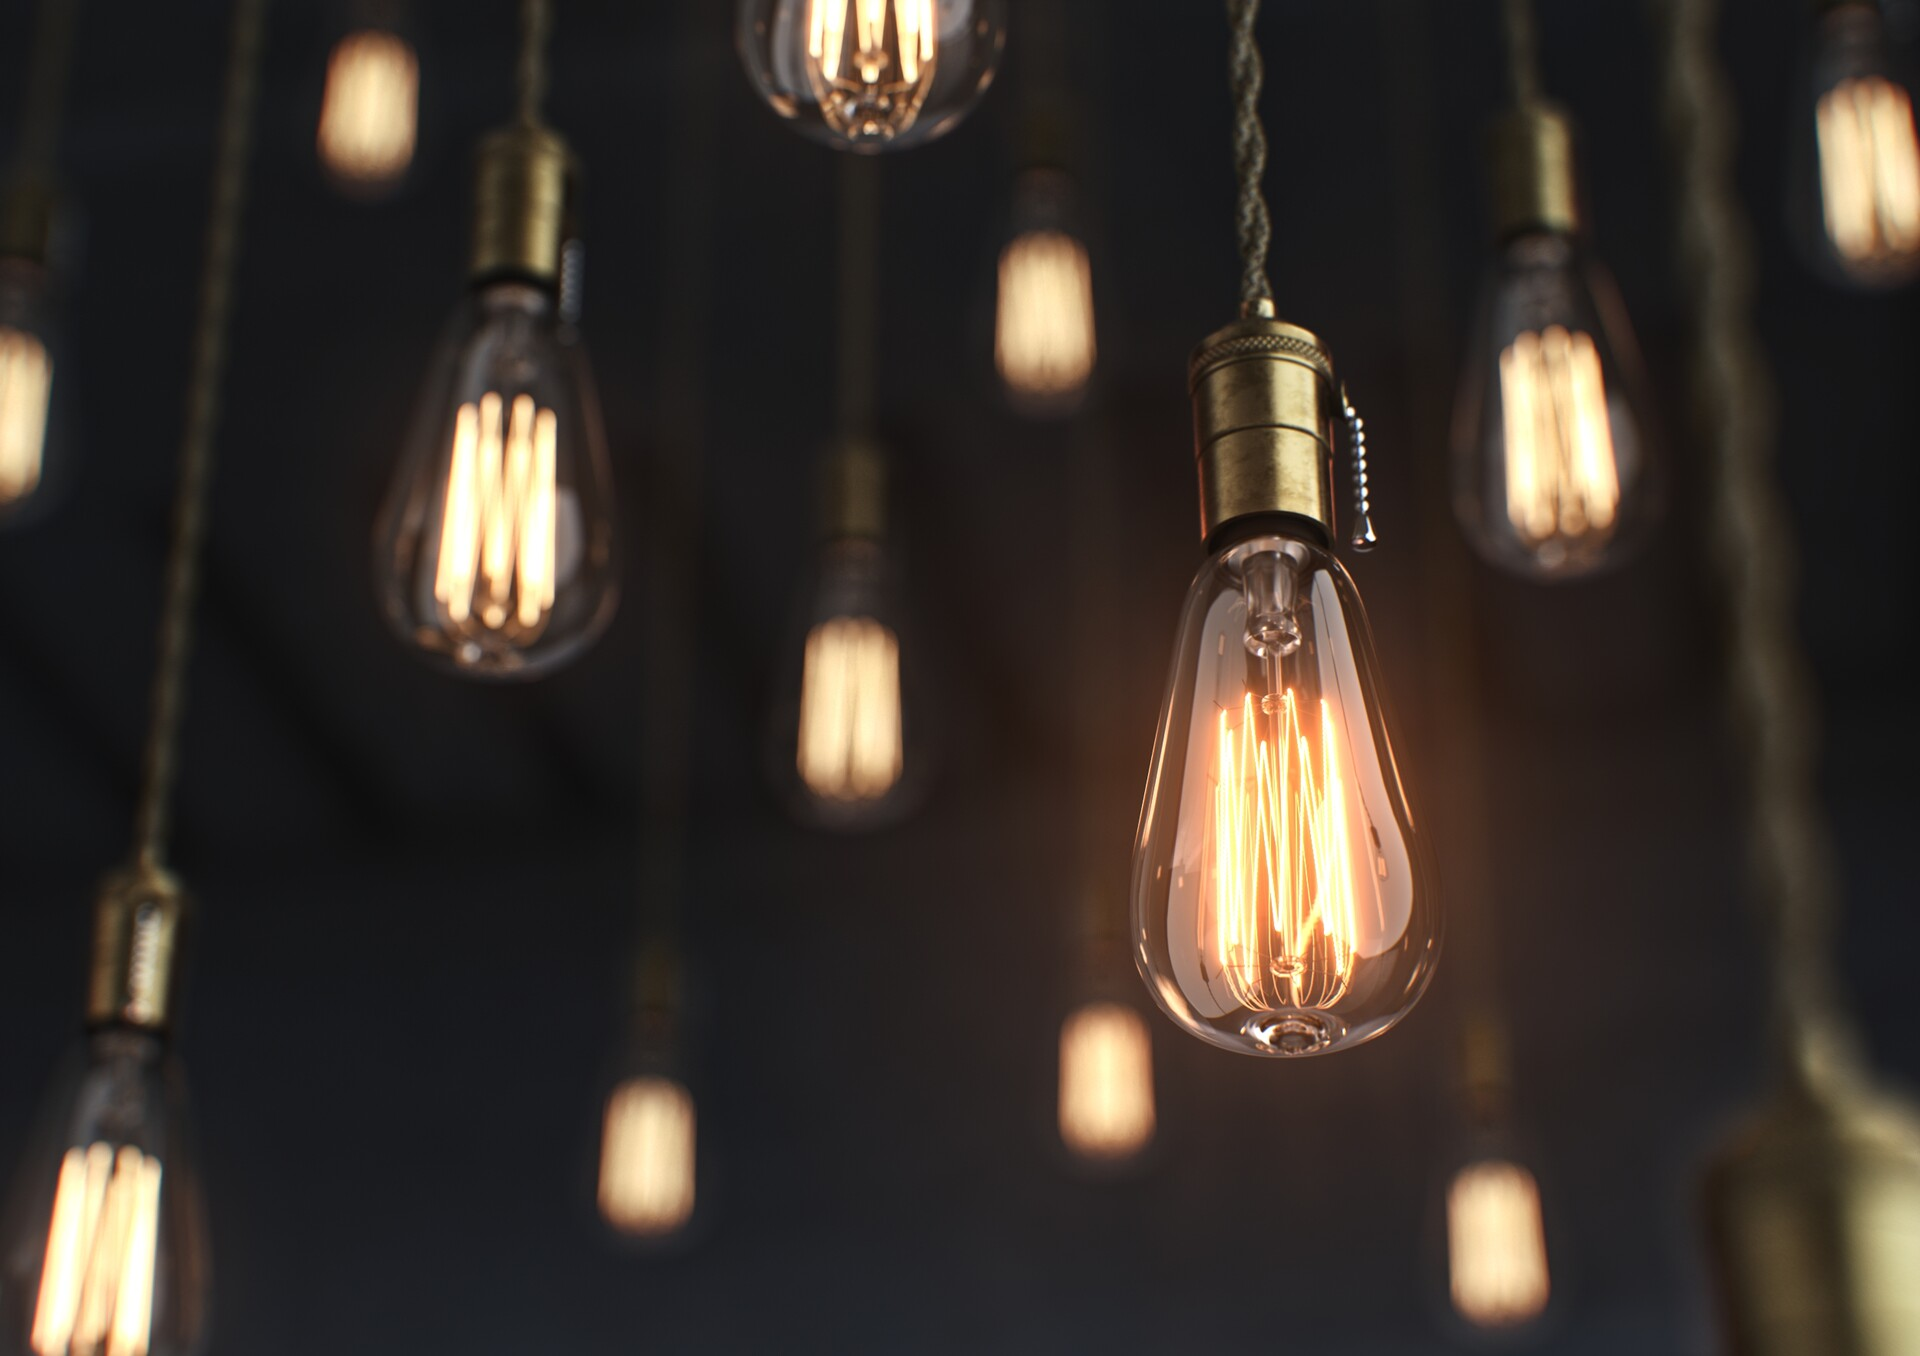 vintage style light bulb ricky scharneck